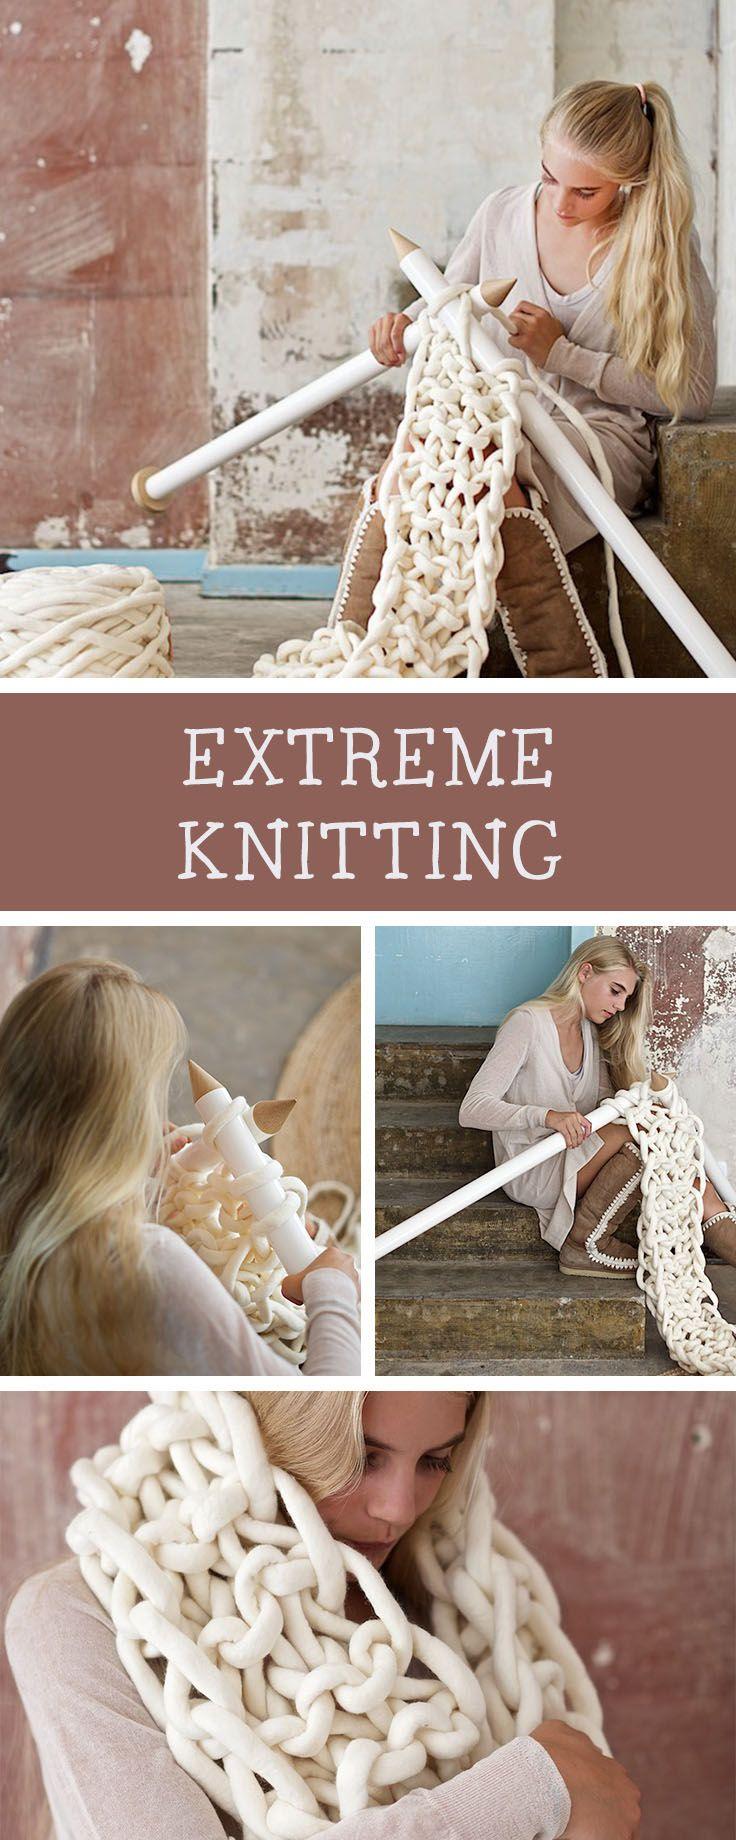 DIY-Anleitung: Stricke Dir einen Schal in Übergröße für den Winter, Extreme Knitting / DIY tutorial: knitting a huge scarf for winter, extreme knitting via DaWanda.com